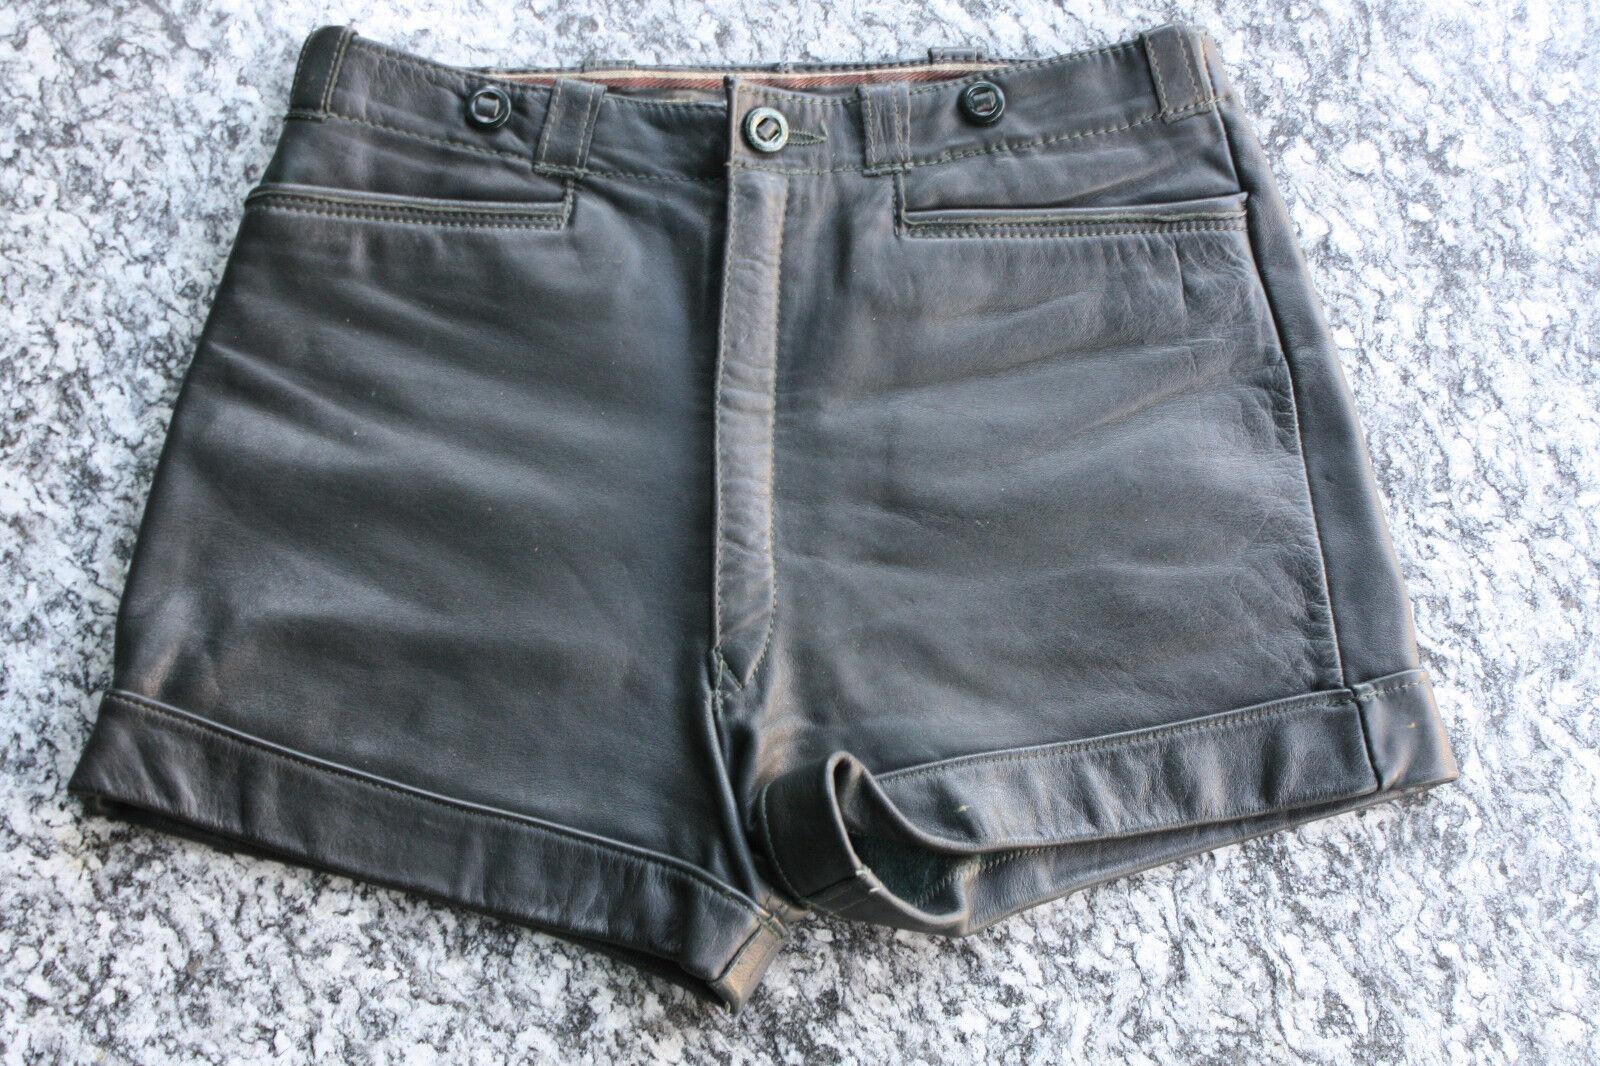 Schöne kurze dunkelgrüne Lederhose, Shorts - Damen 36 38 | Hohe Qualität Und Geringen Overhead  | Spaß  | Elegant